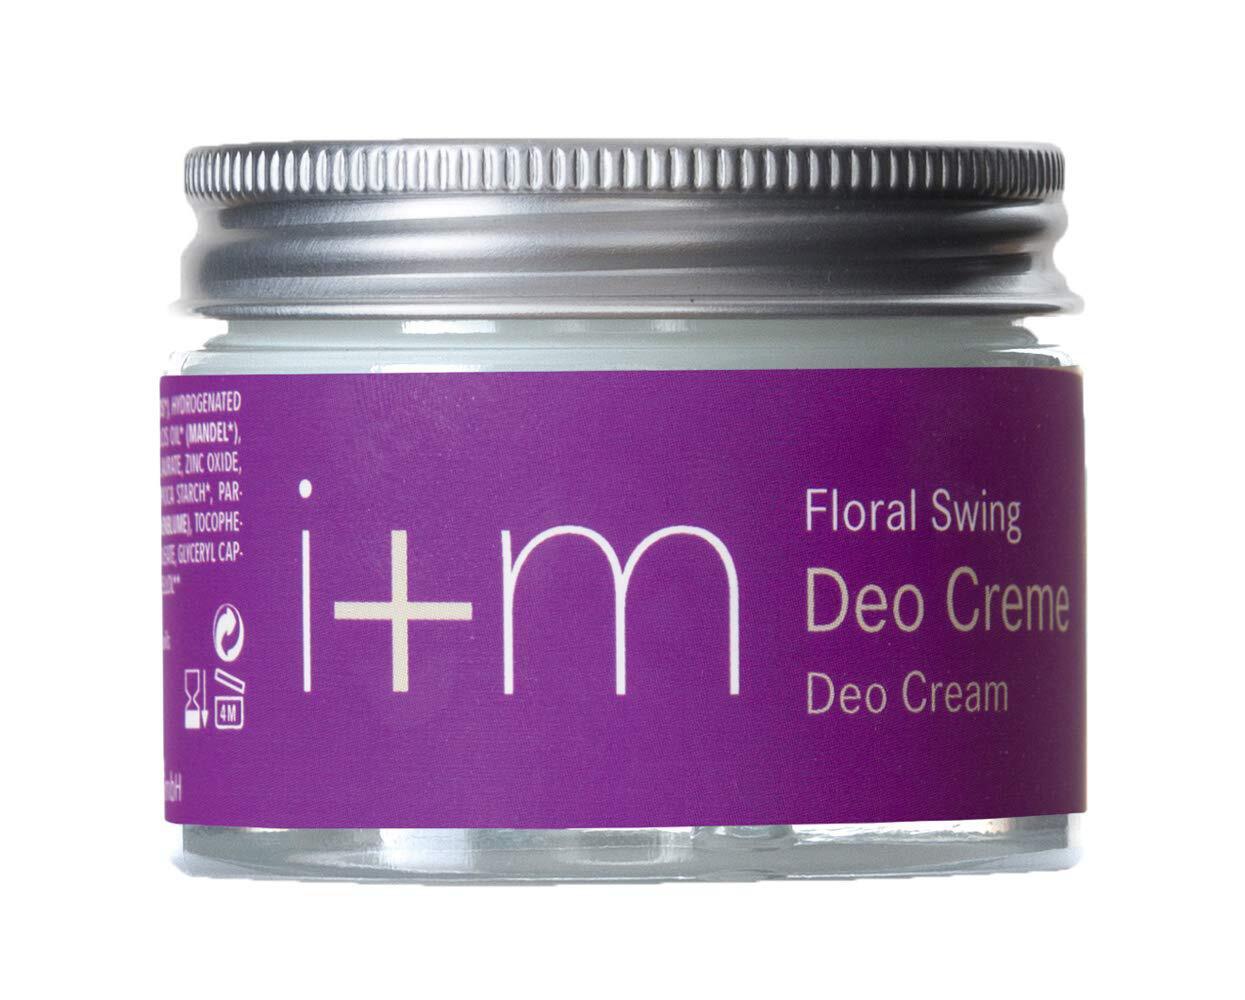 Bild zu Deo, Deodorant, Hygiene, Pflege, Kosmetik